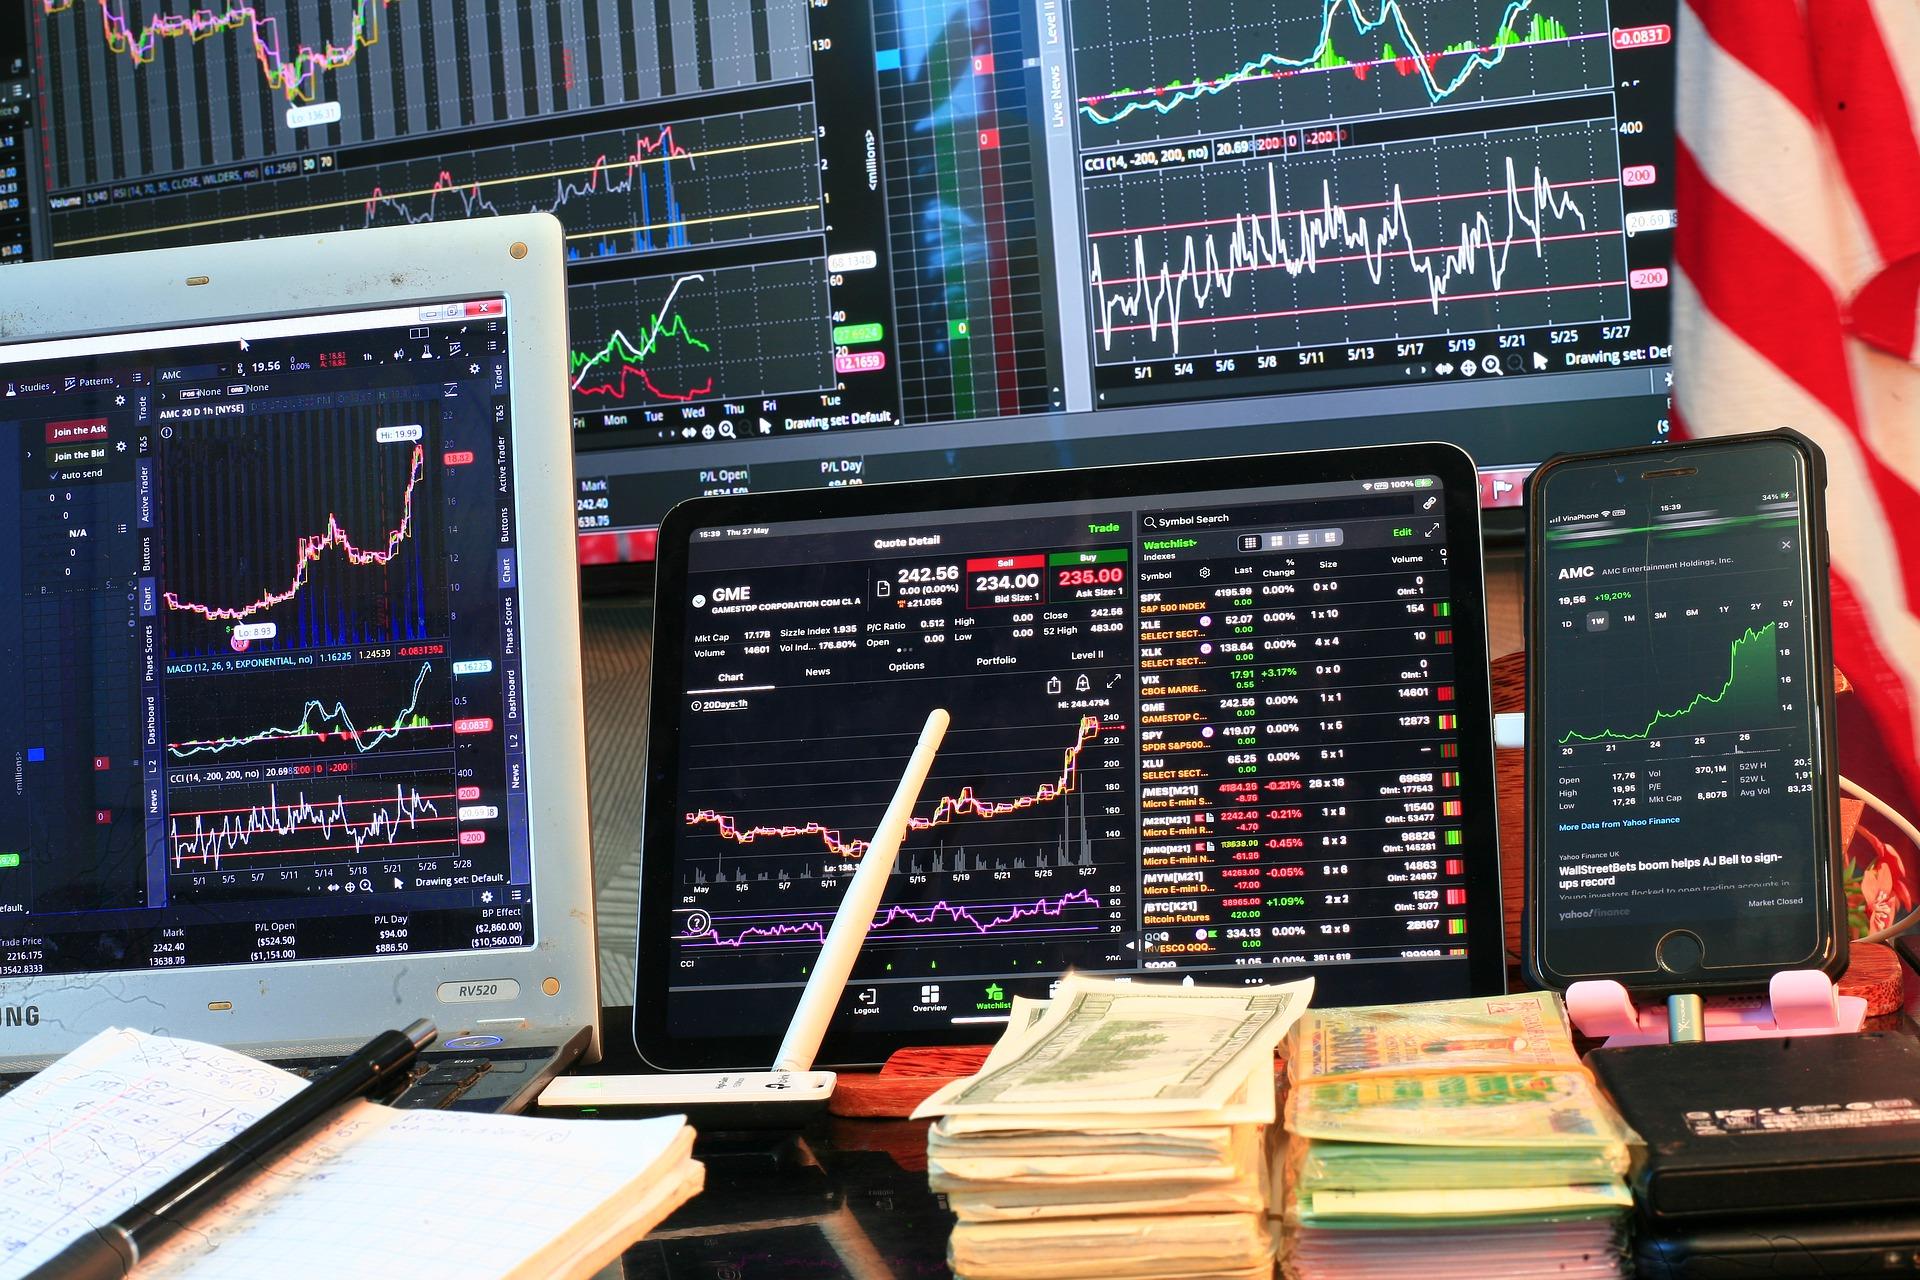 Udemy подает заявку на проведение IPO в США